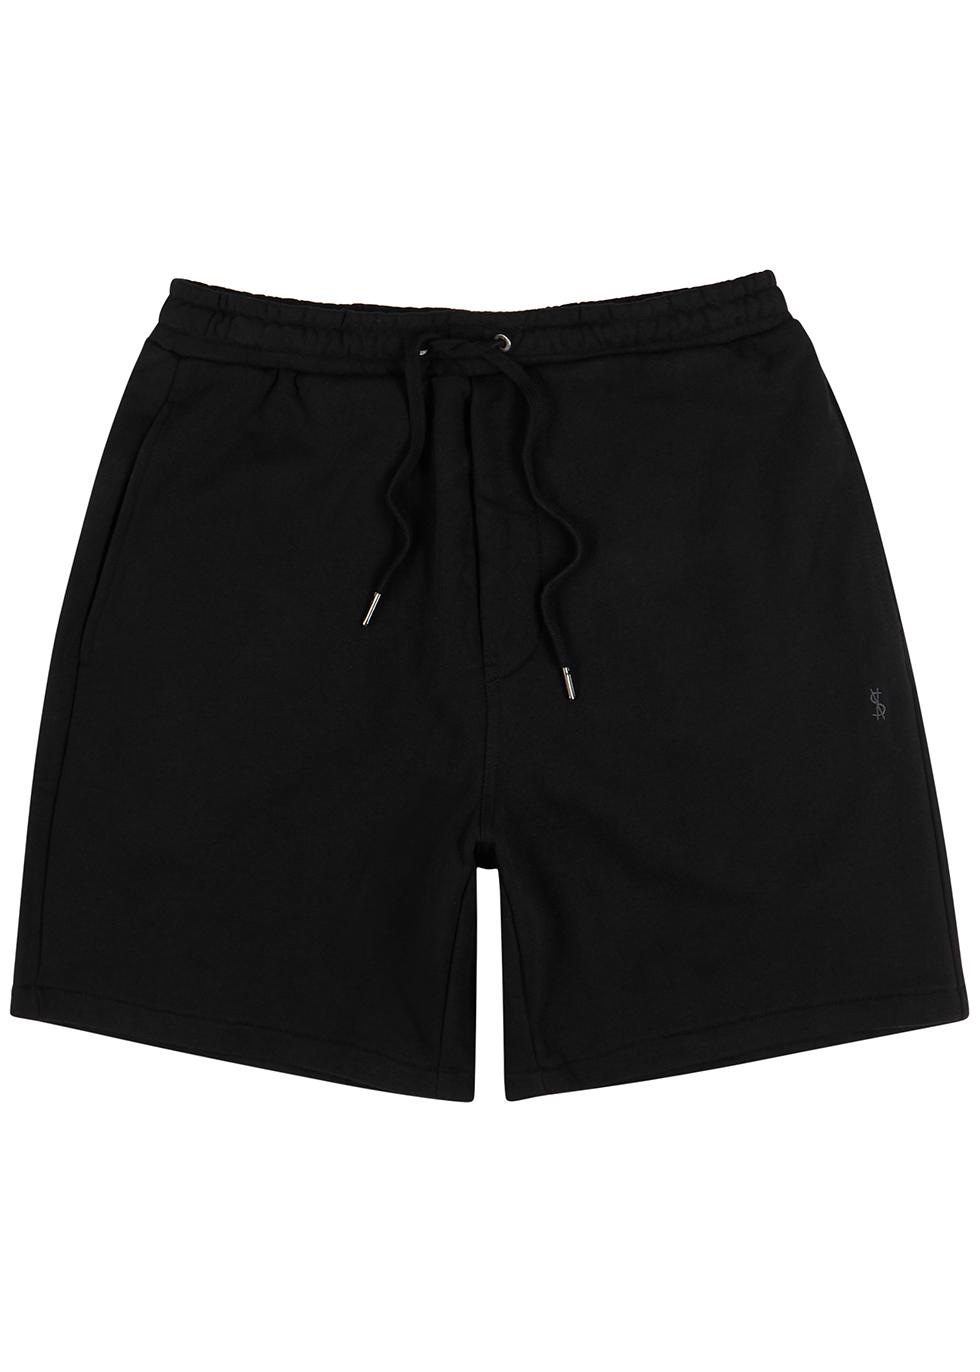 Lofi black cotton shorts